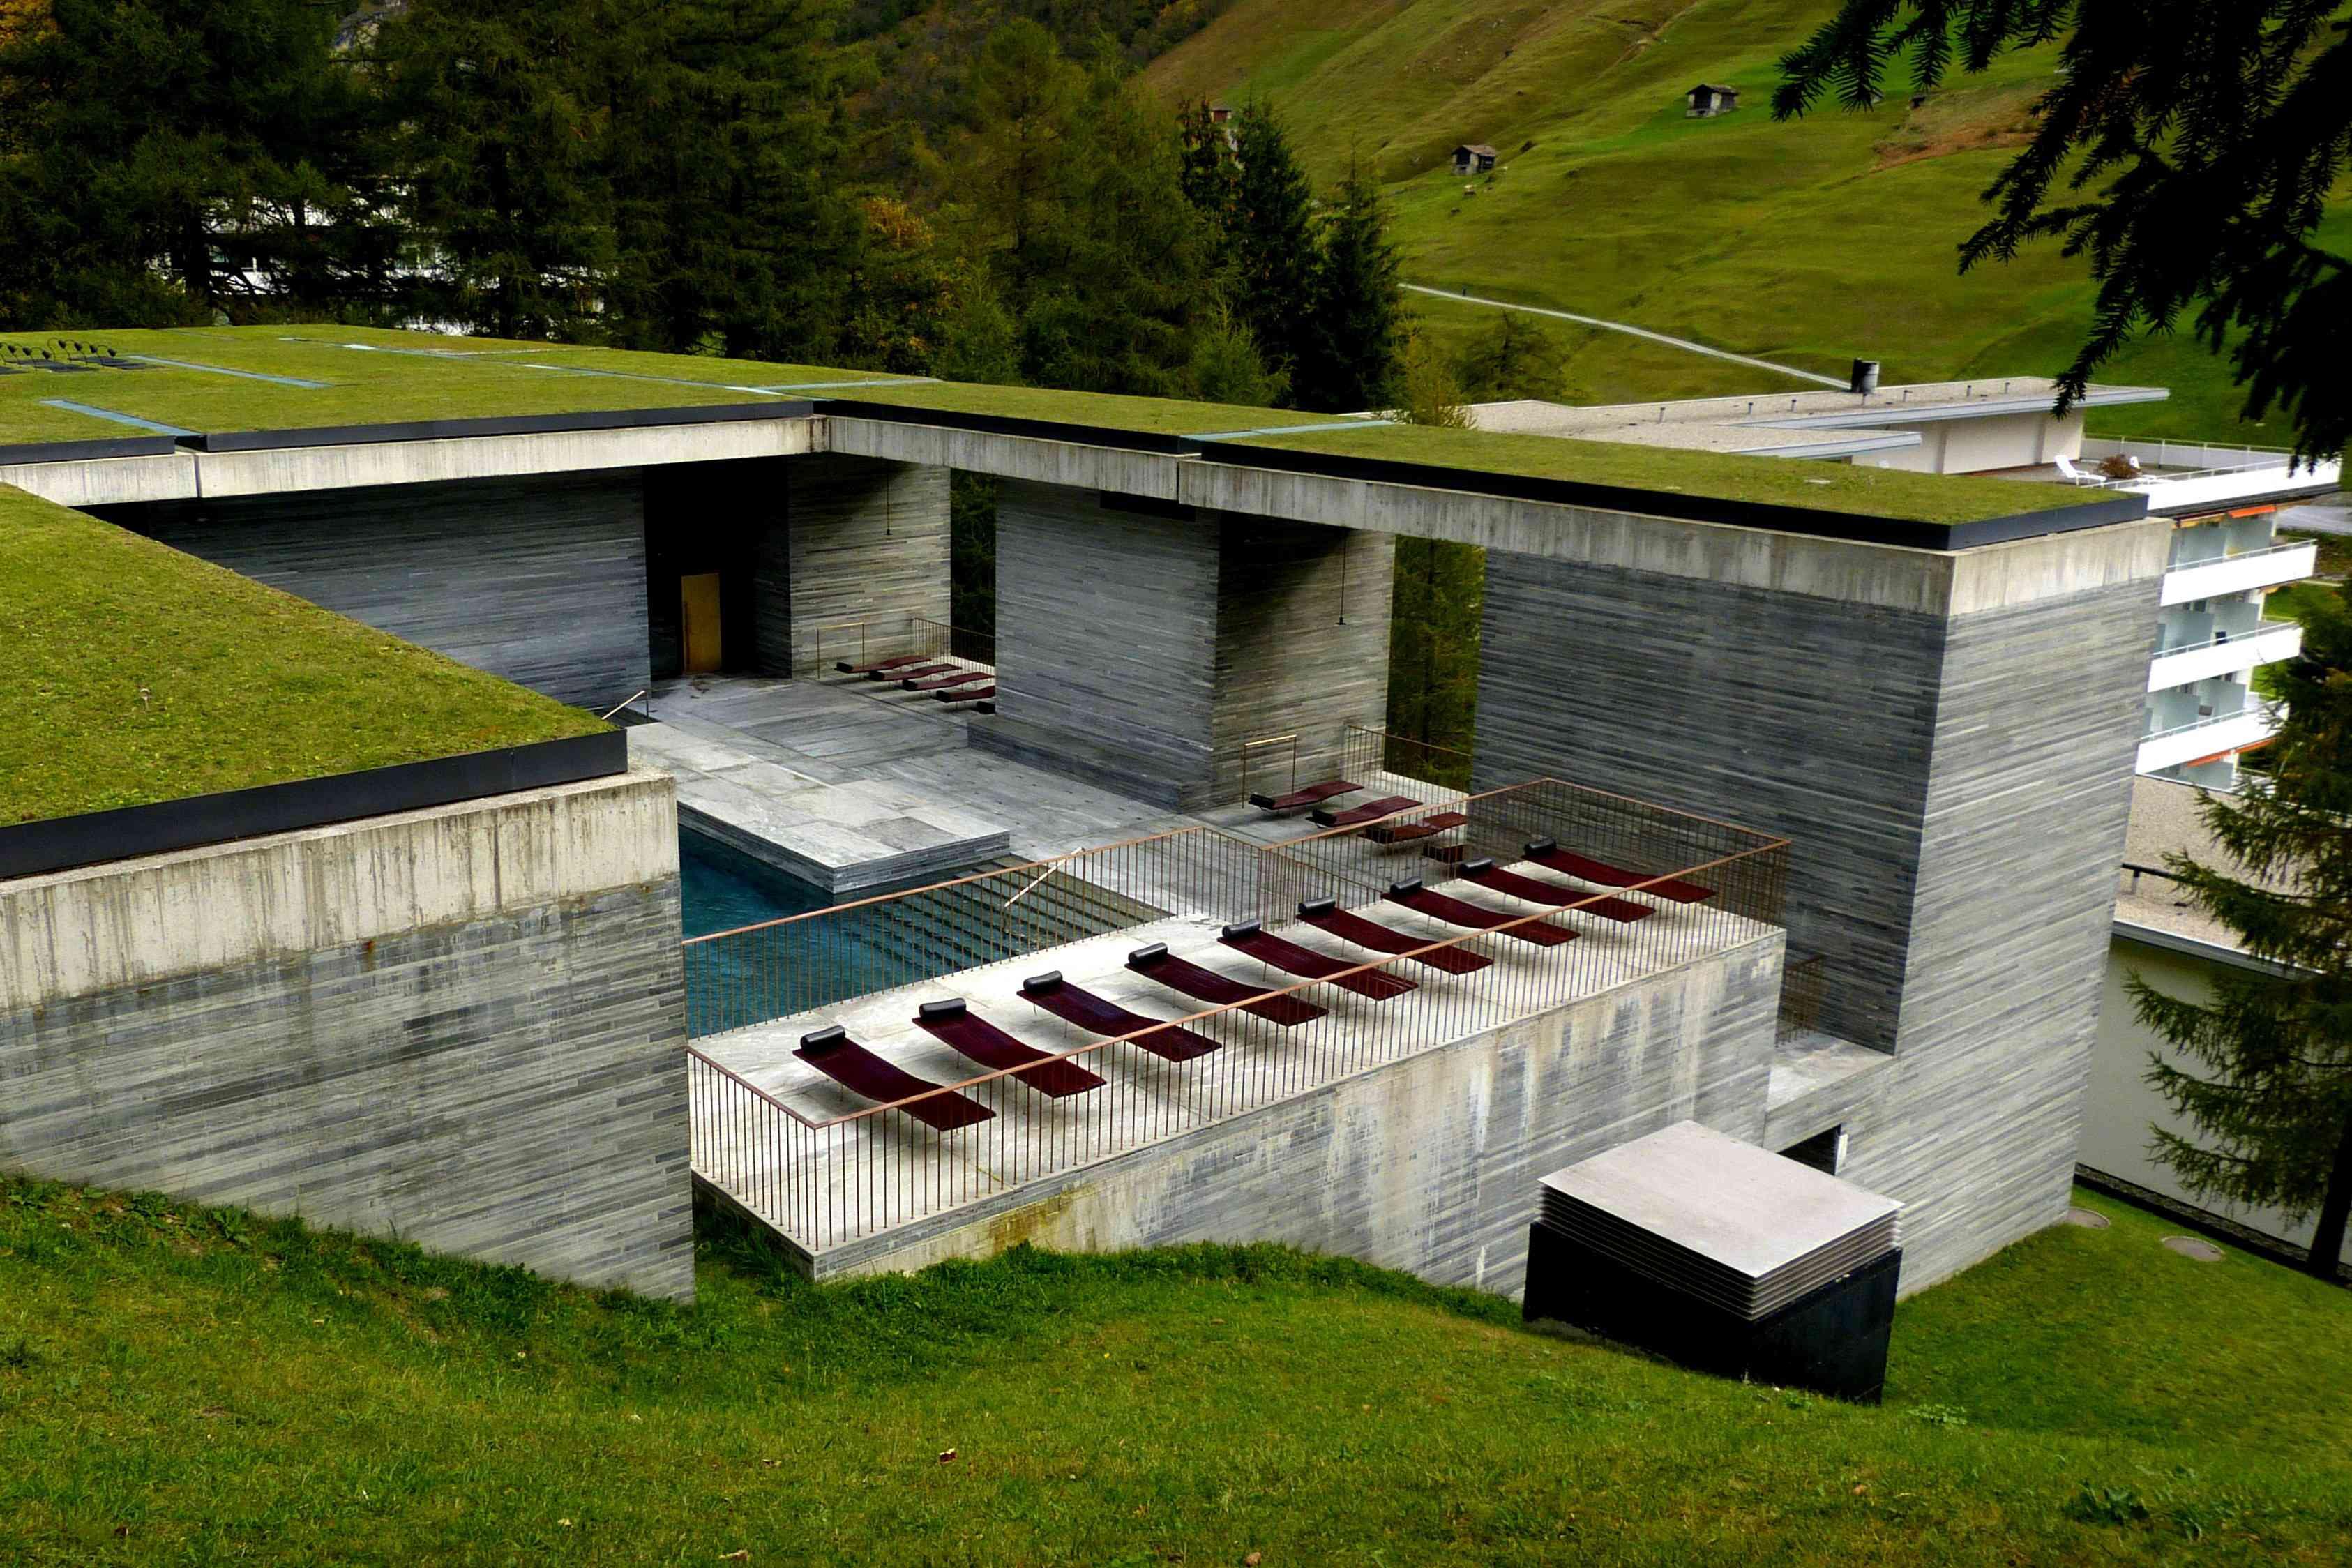 En los baños termales de Zumthor en Vals, un techo de césped verde y baños termales abiertos están sostenidos por capas de piedra que parecen paredes de madera.